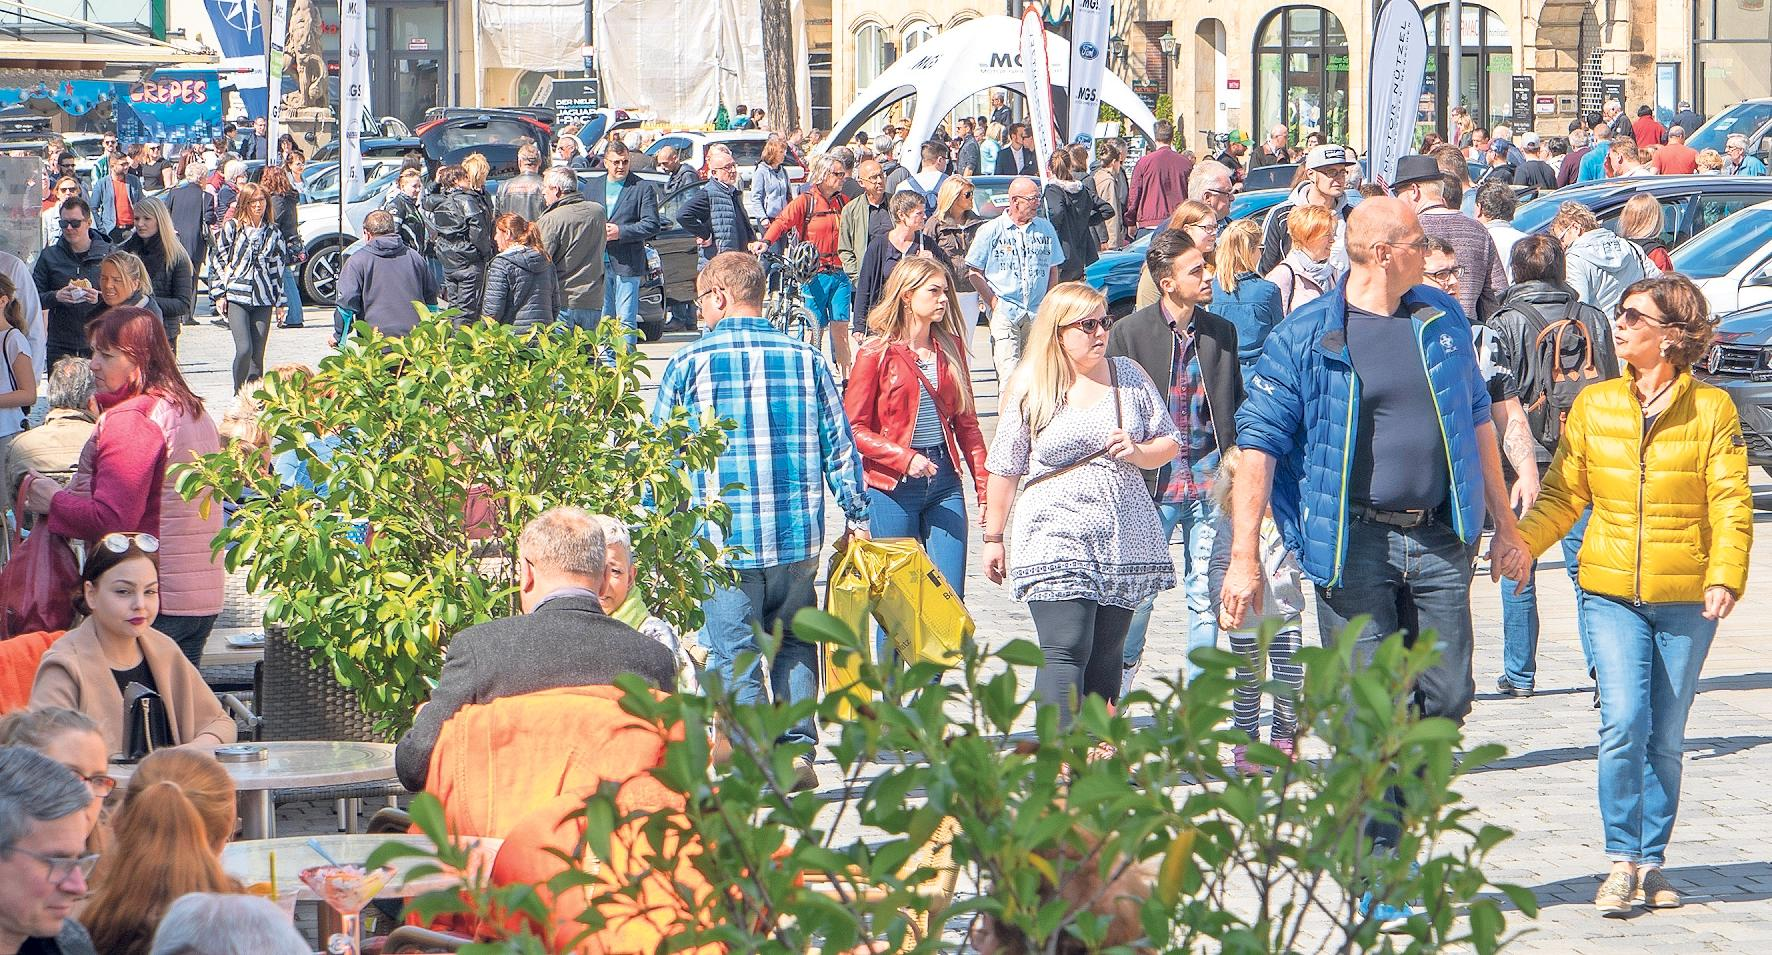 In Bayreuth gibt es einige Geschäfte mit sehr positiven Werten, aber auch einige Läden, die von den Verbrauchern sehr stark kritisiert werden, hat MF Consulting festgestellt. In Bayreuth sei die extrem breite Spanne zwischen sehr guten und vom Kunden abgestraften Geschäften hervorzuheben. Foto: Archiv/Andreas Harbach